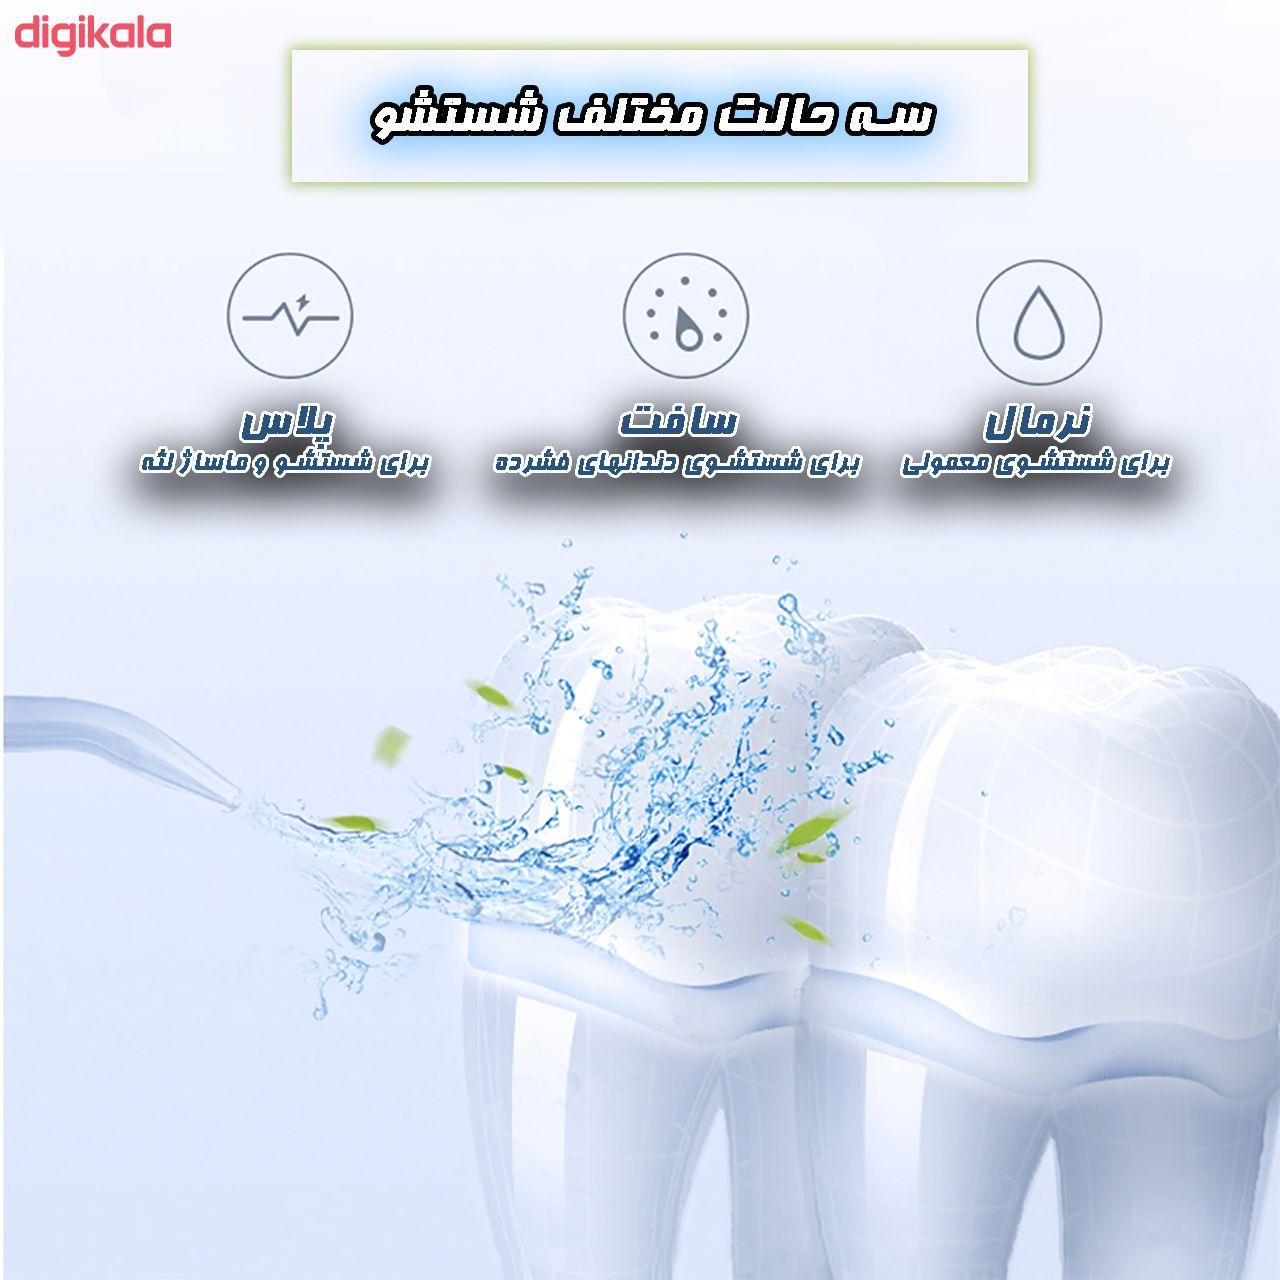 واترجت دندان خانگی هارمن مدل ORAL IRRIG1 main 1 4